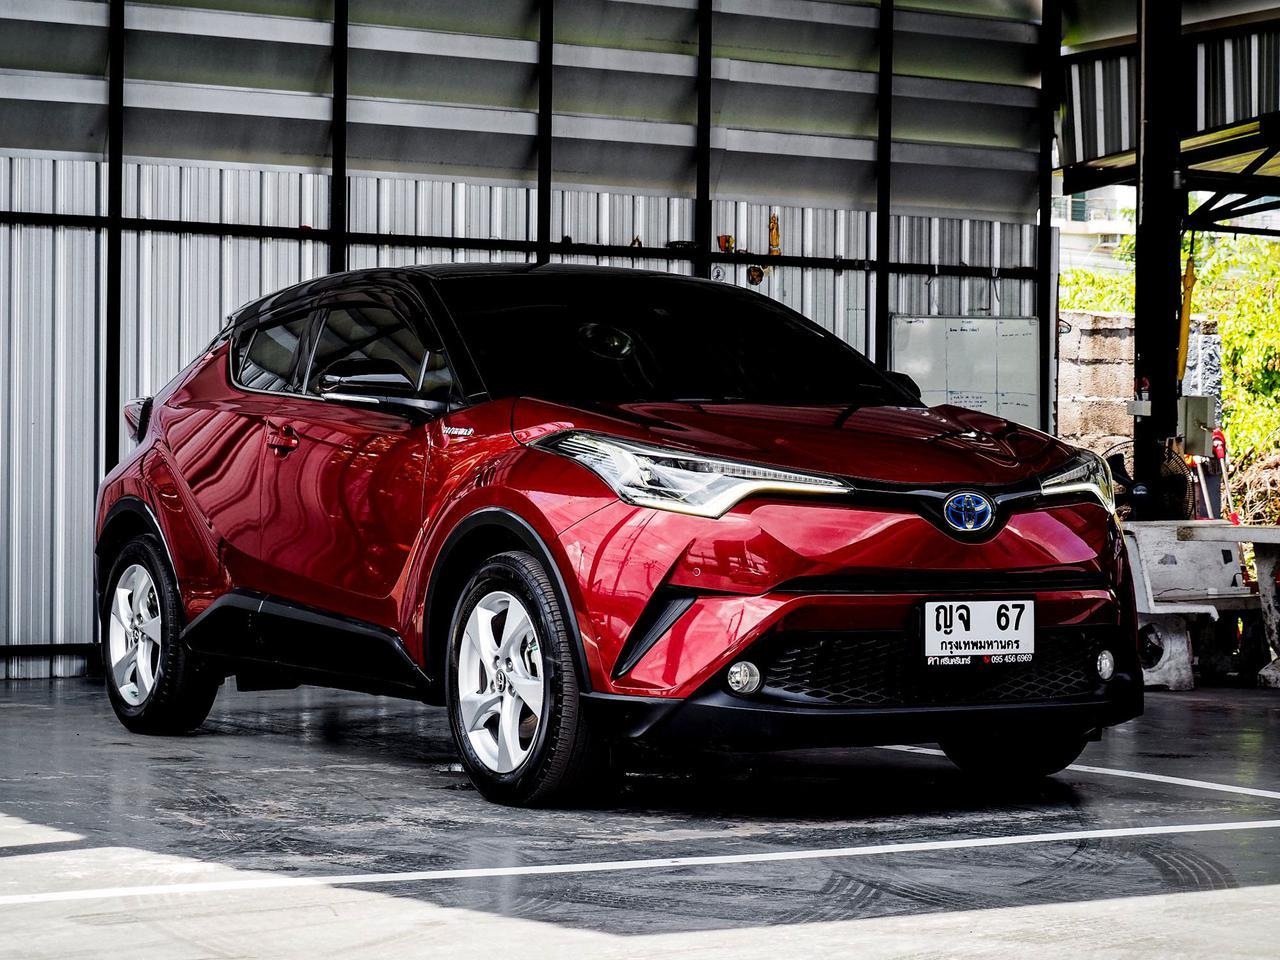 Toyota CHR HV Hi รุ่น Top สุด ปี 2019 เลขไมล์ 60,000 กิโล รูปที่ 1